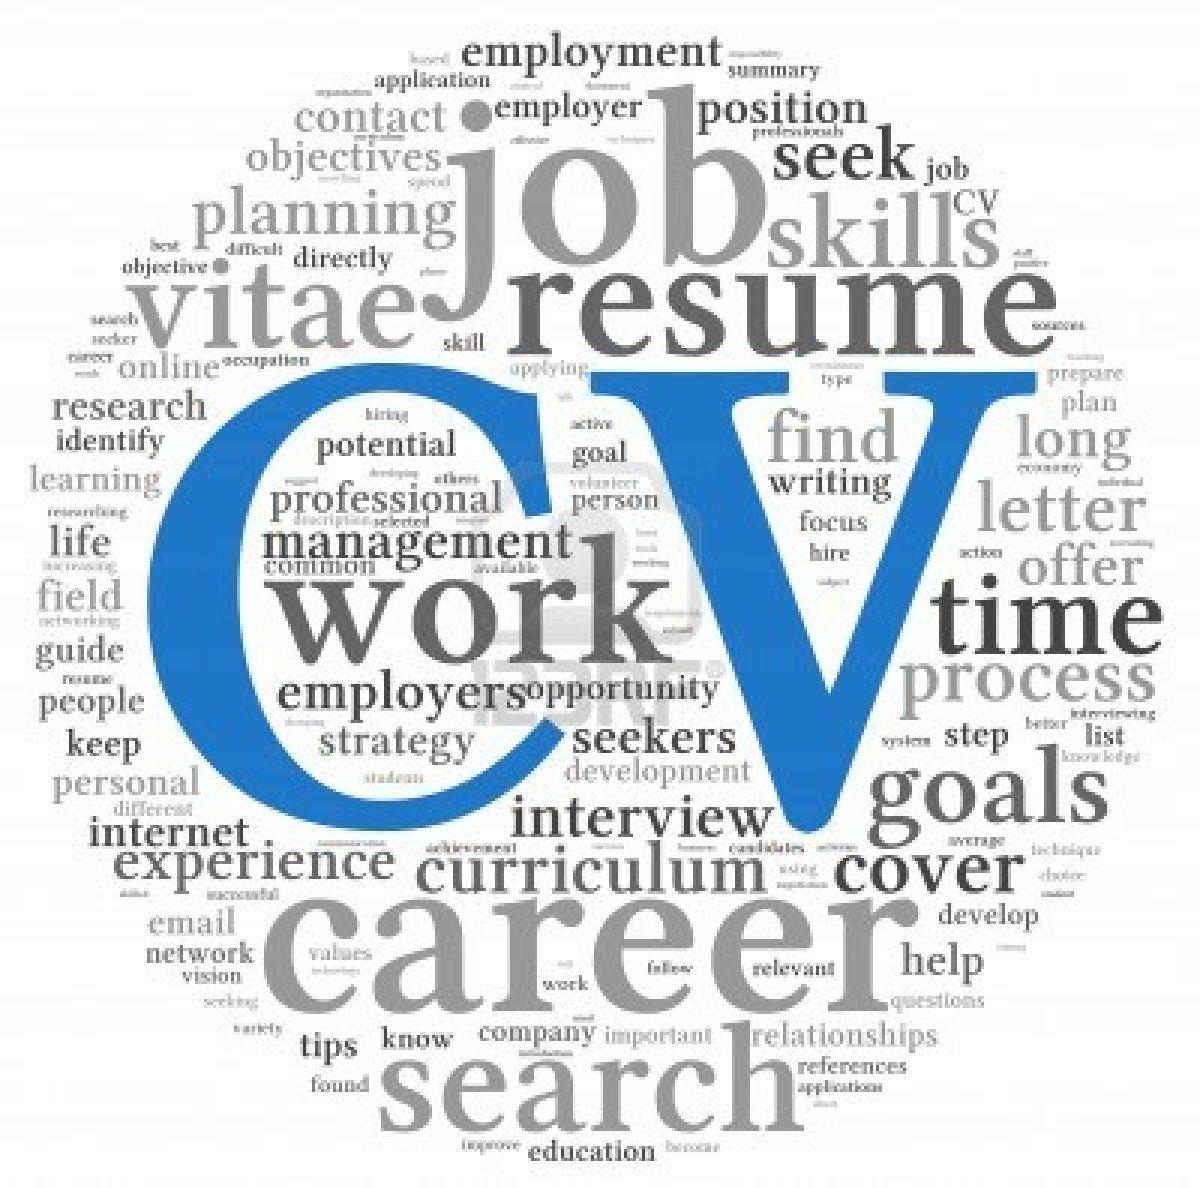 Por qué tu CV no llama la atención? – El blog de AVA